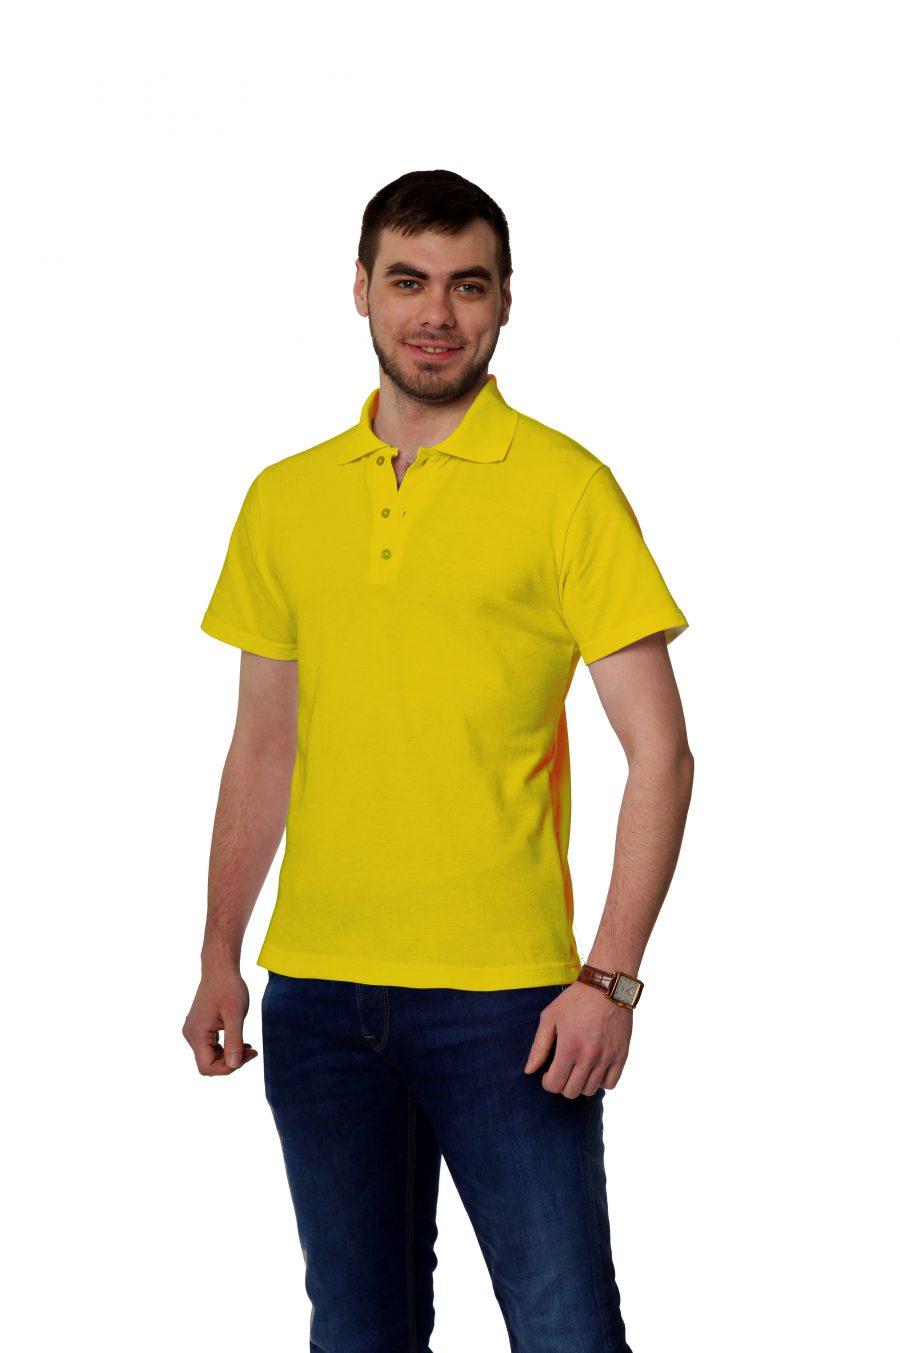 Рубашка-поло KANO MP желтая купить оптом,